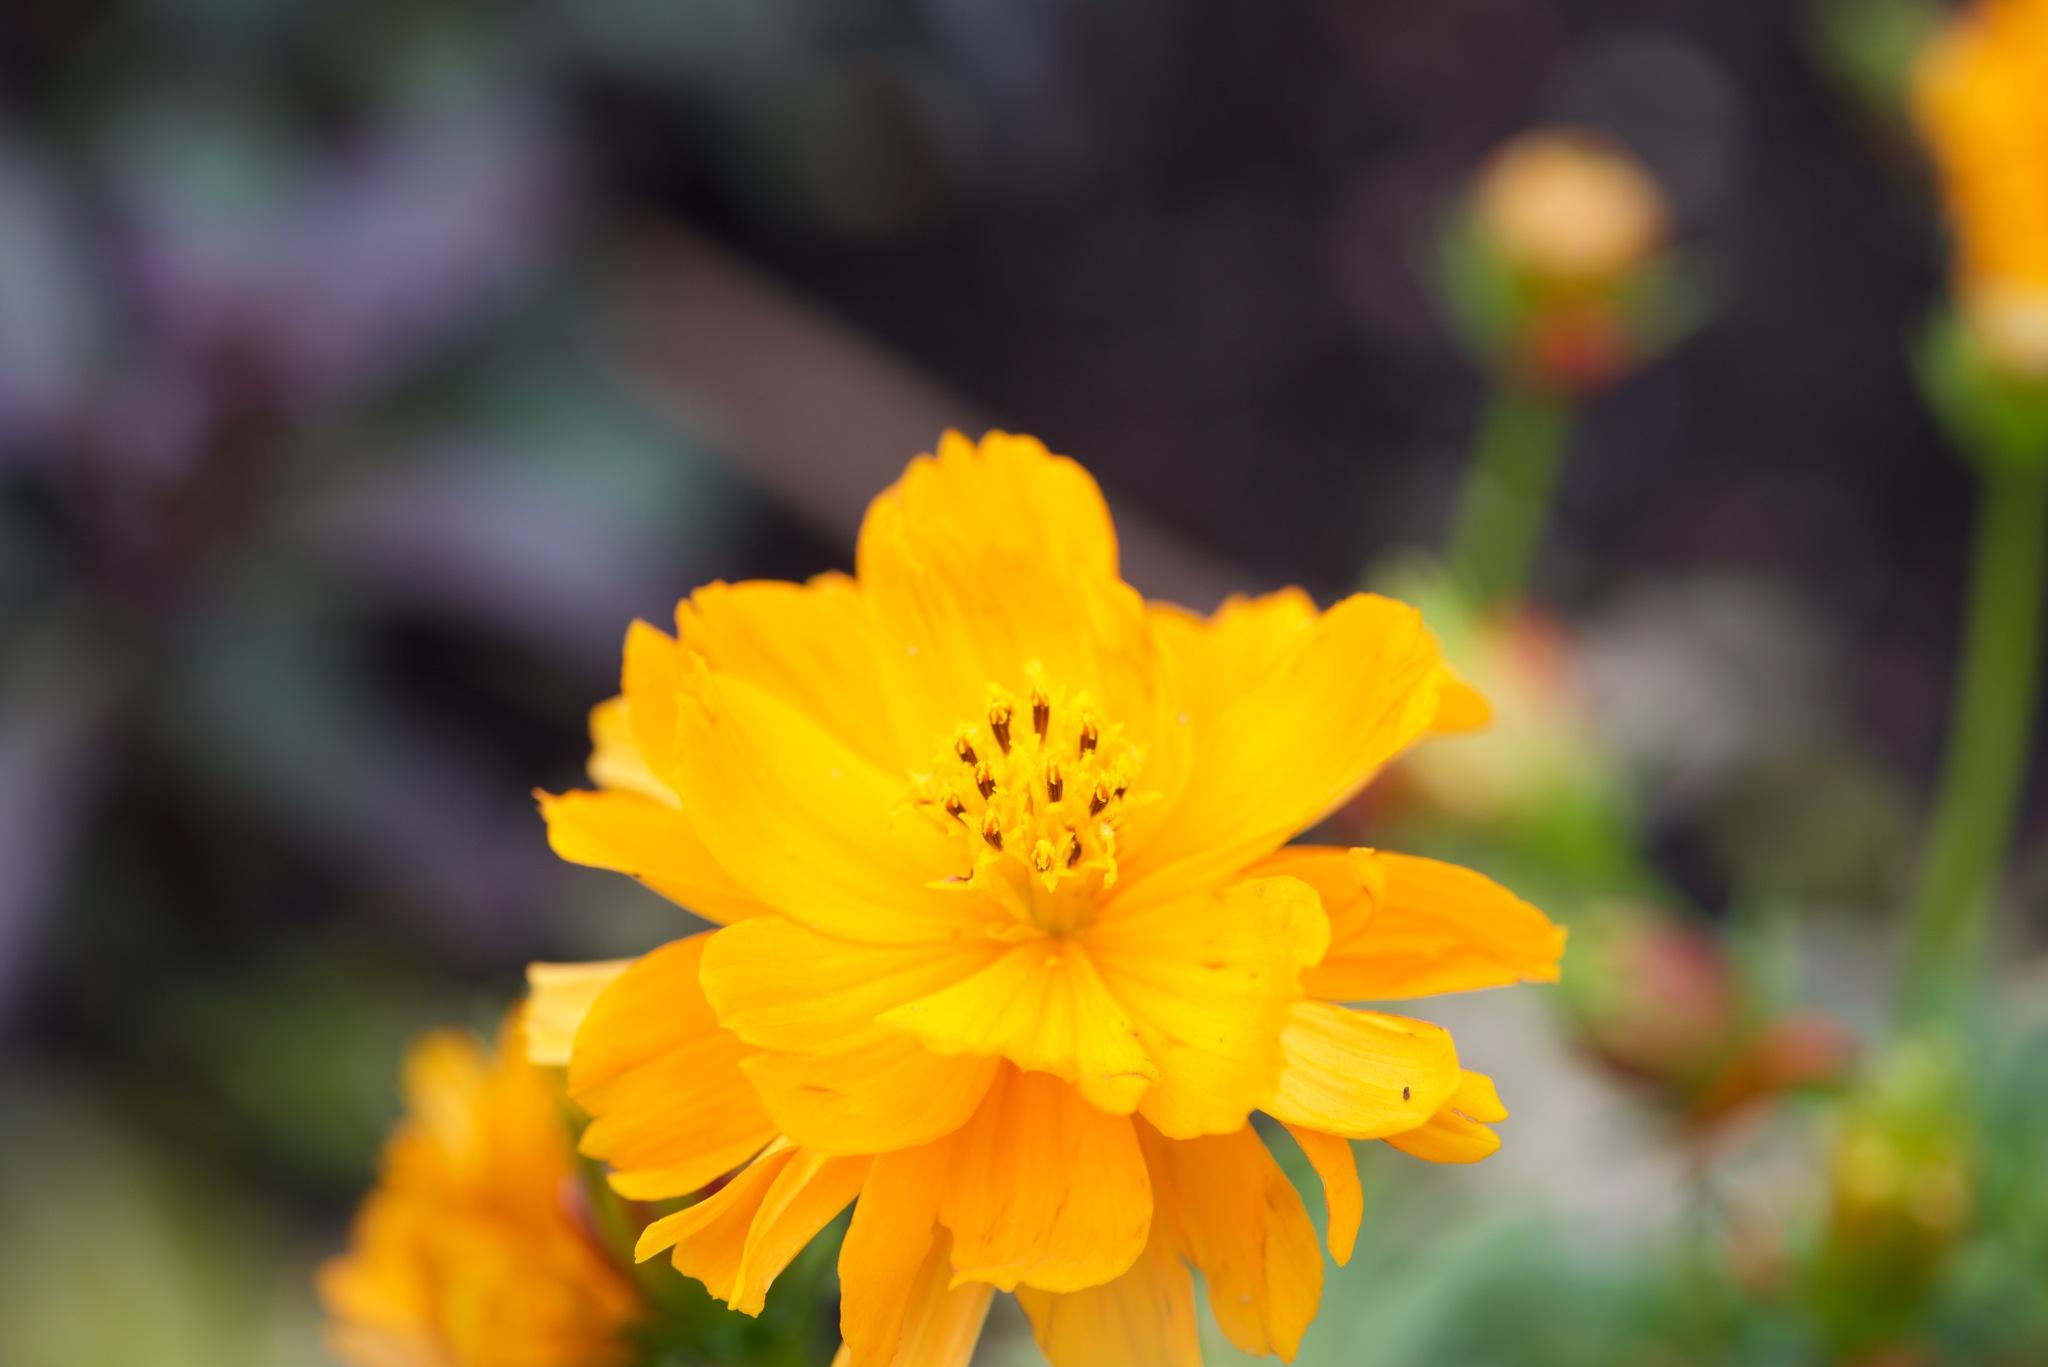 Flowers 9145! by Memed Bayatli